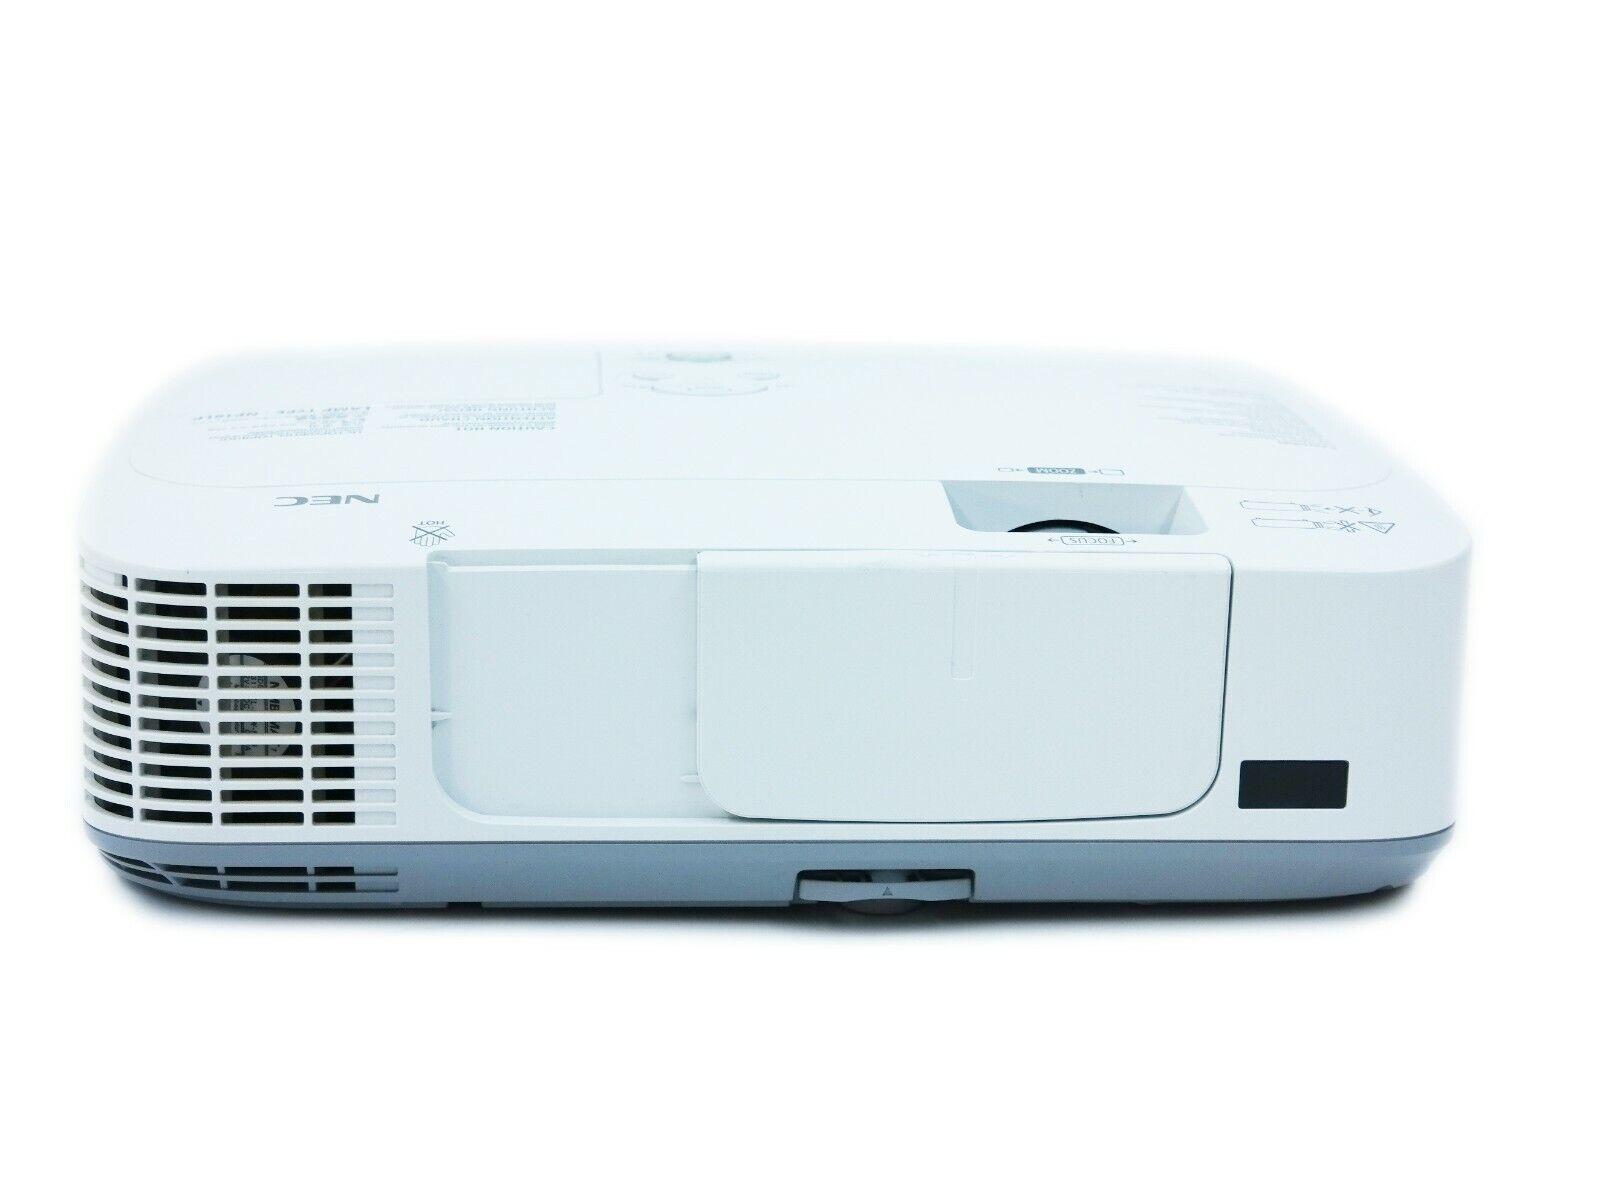 NEC M311W 16:10 WXGA Projector